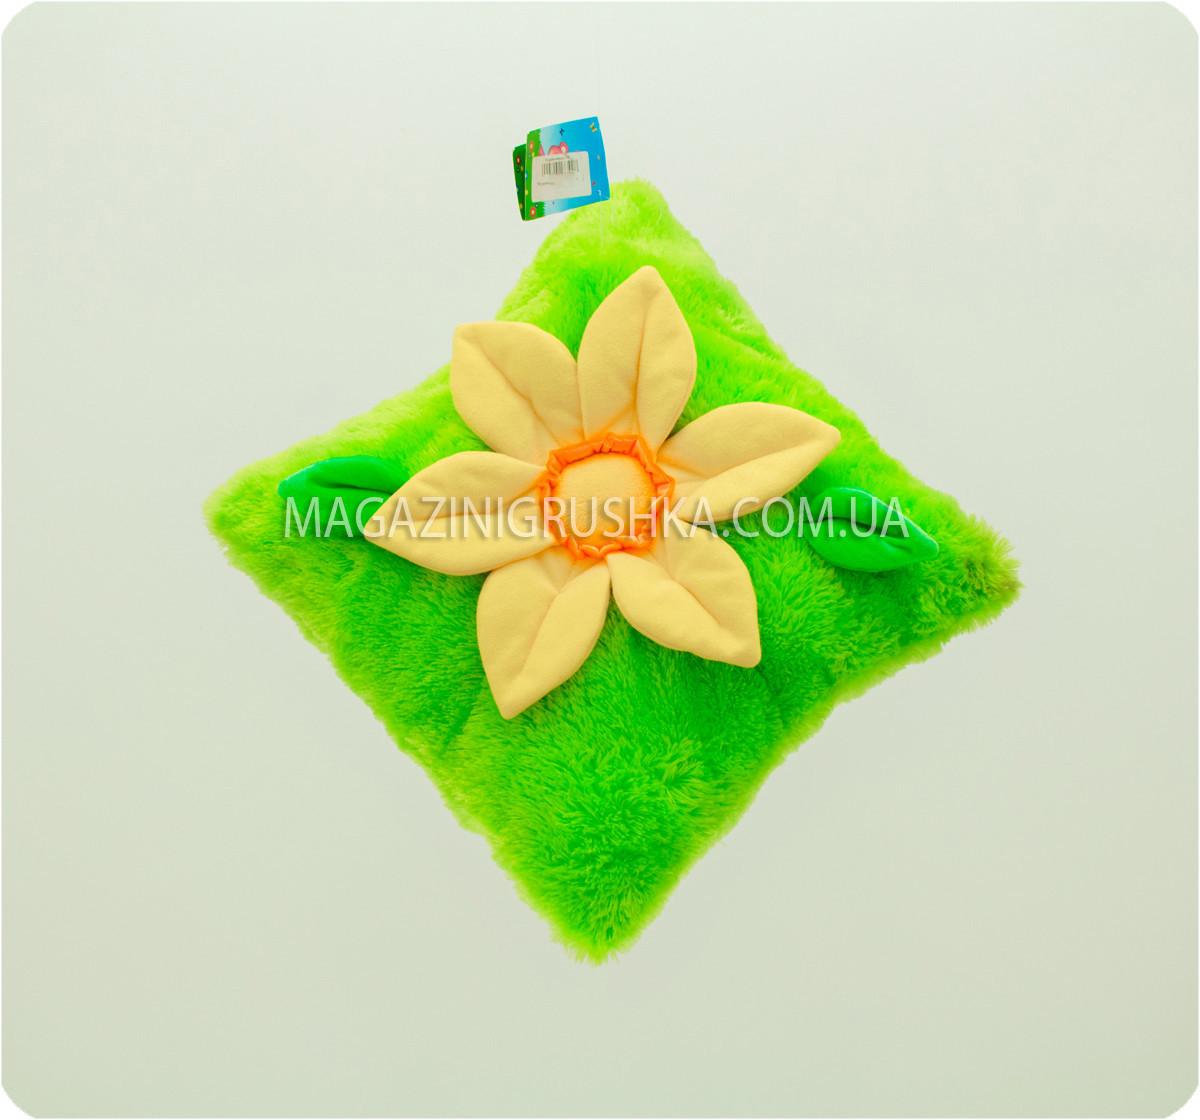 Подушечка для дитини з квіточкою